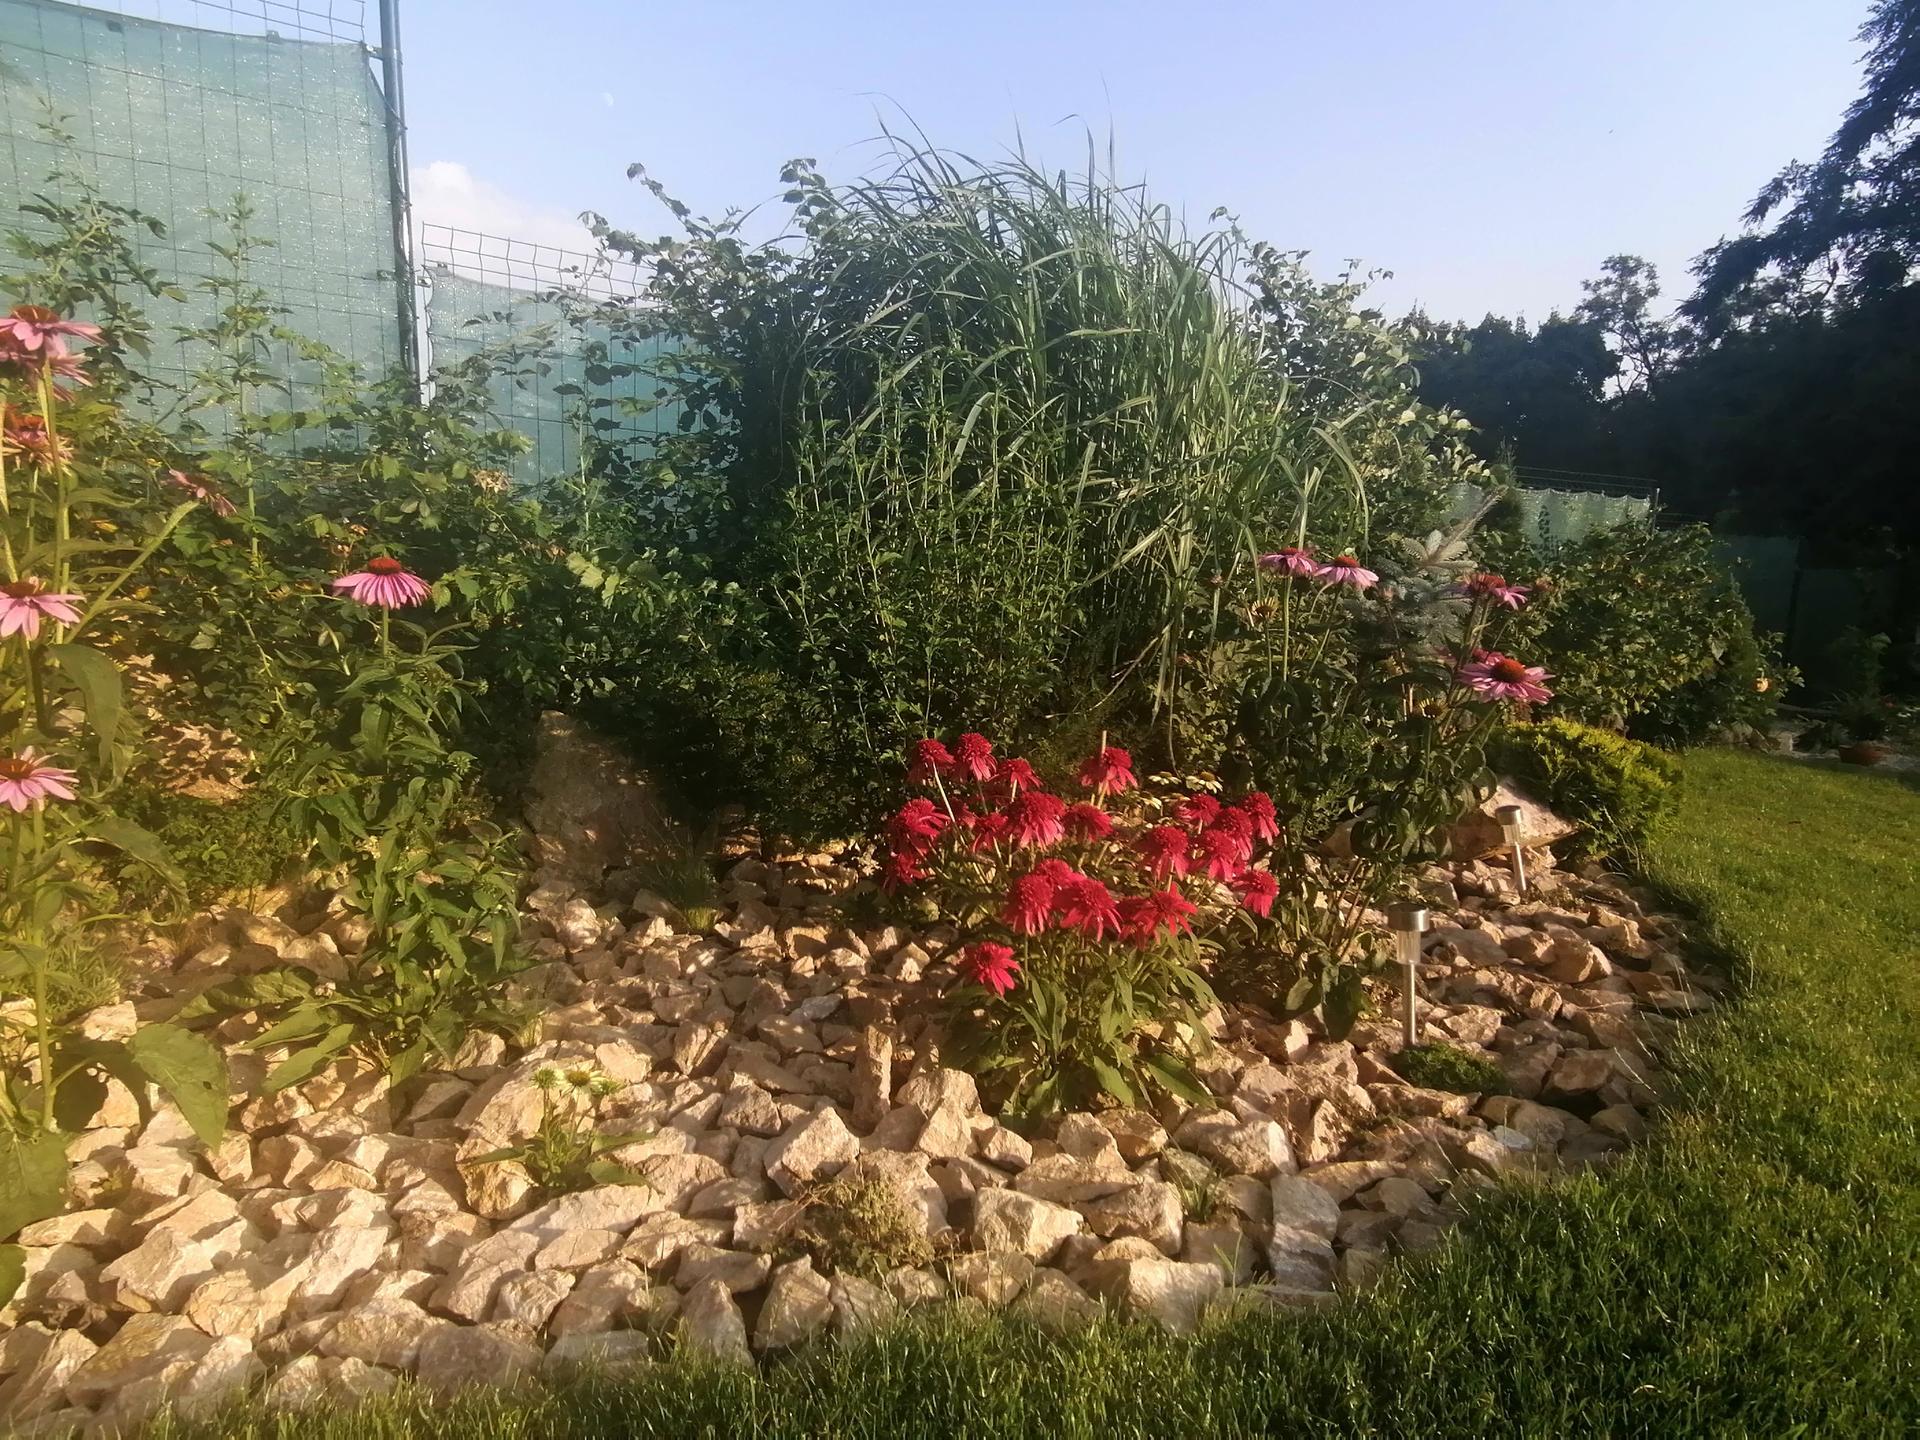 Záhrada a bývanie - 4.rok - Obrázok č. 31